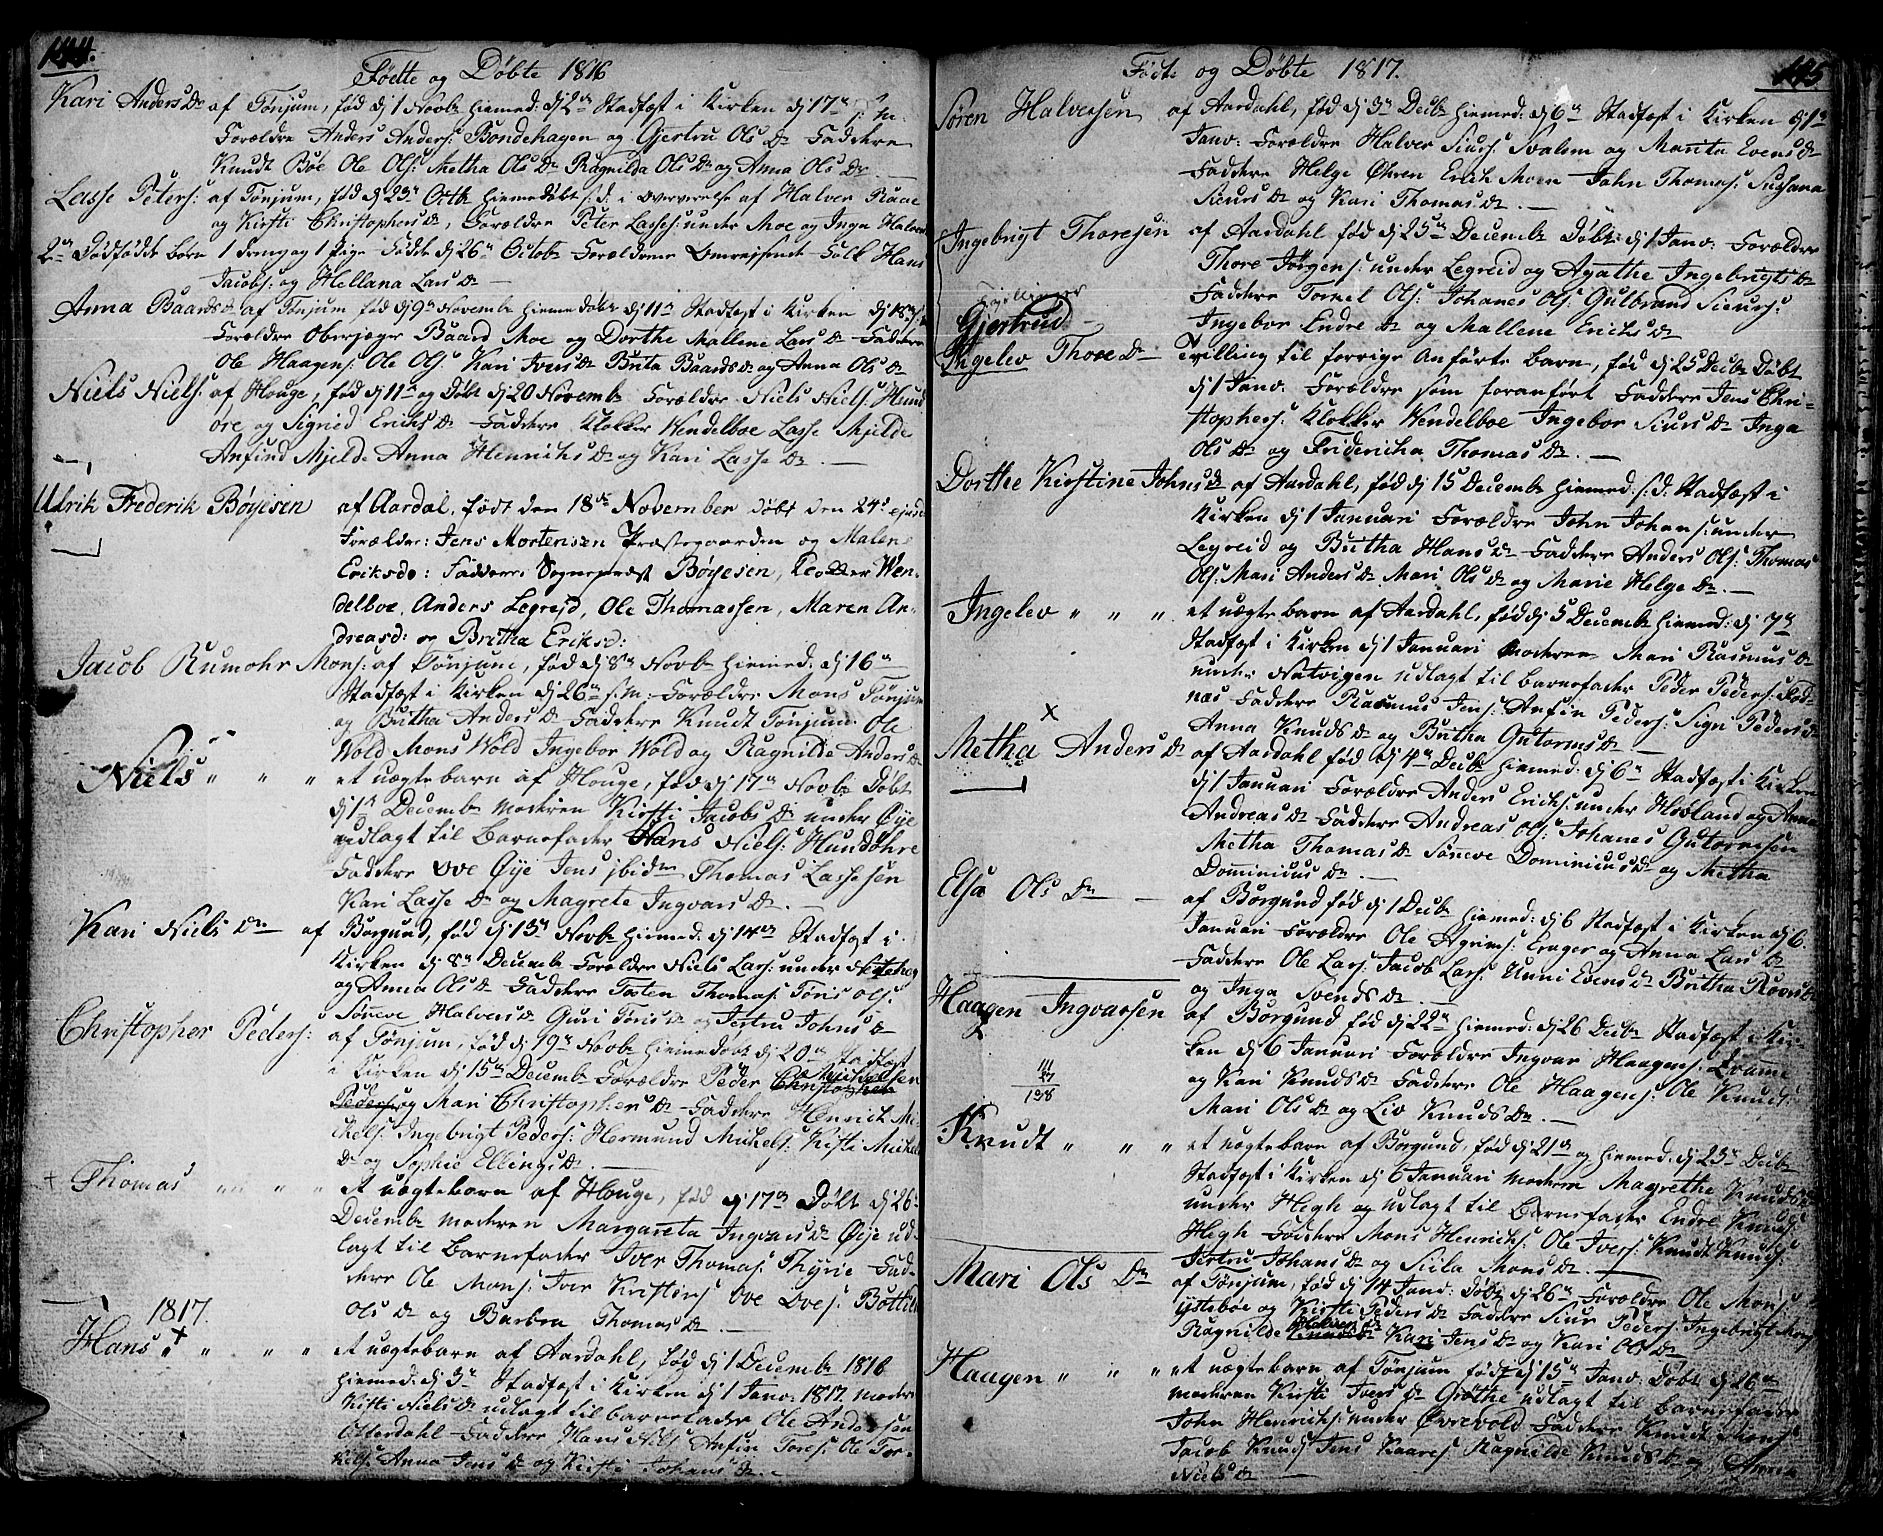 SAB, Lærdal sokneprestembete, Ministerialbok nr. A 4, 1805-1821, s. 144-145